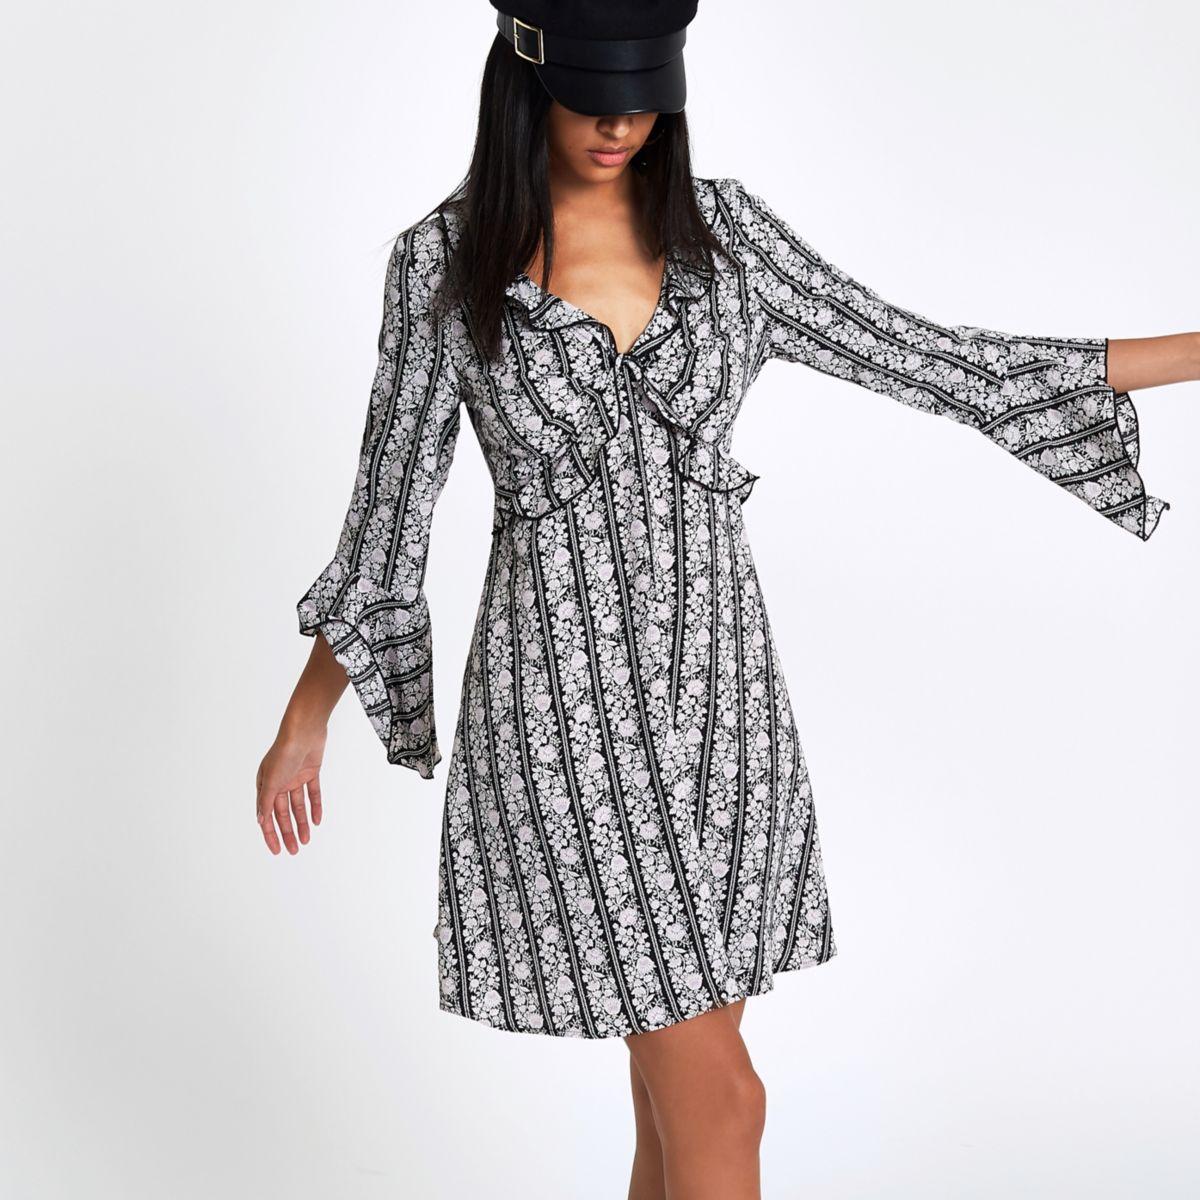 Zwarte jurk met bloemenprint, ruches voor en uitsnede op de rug